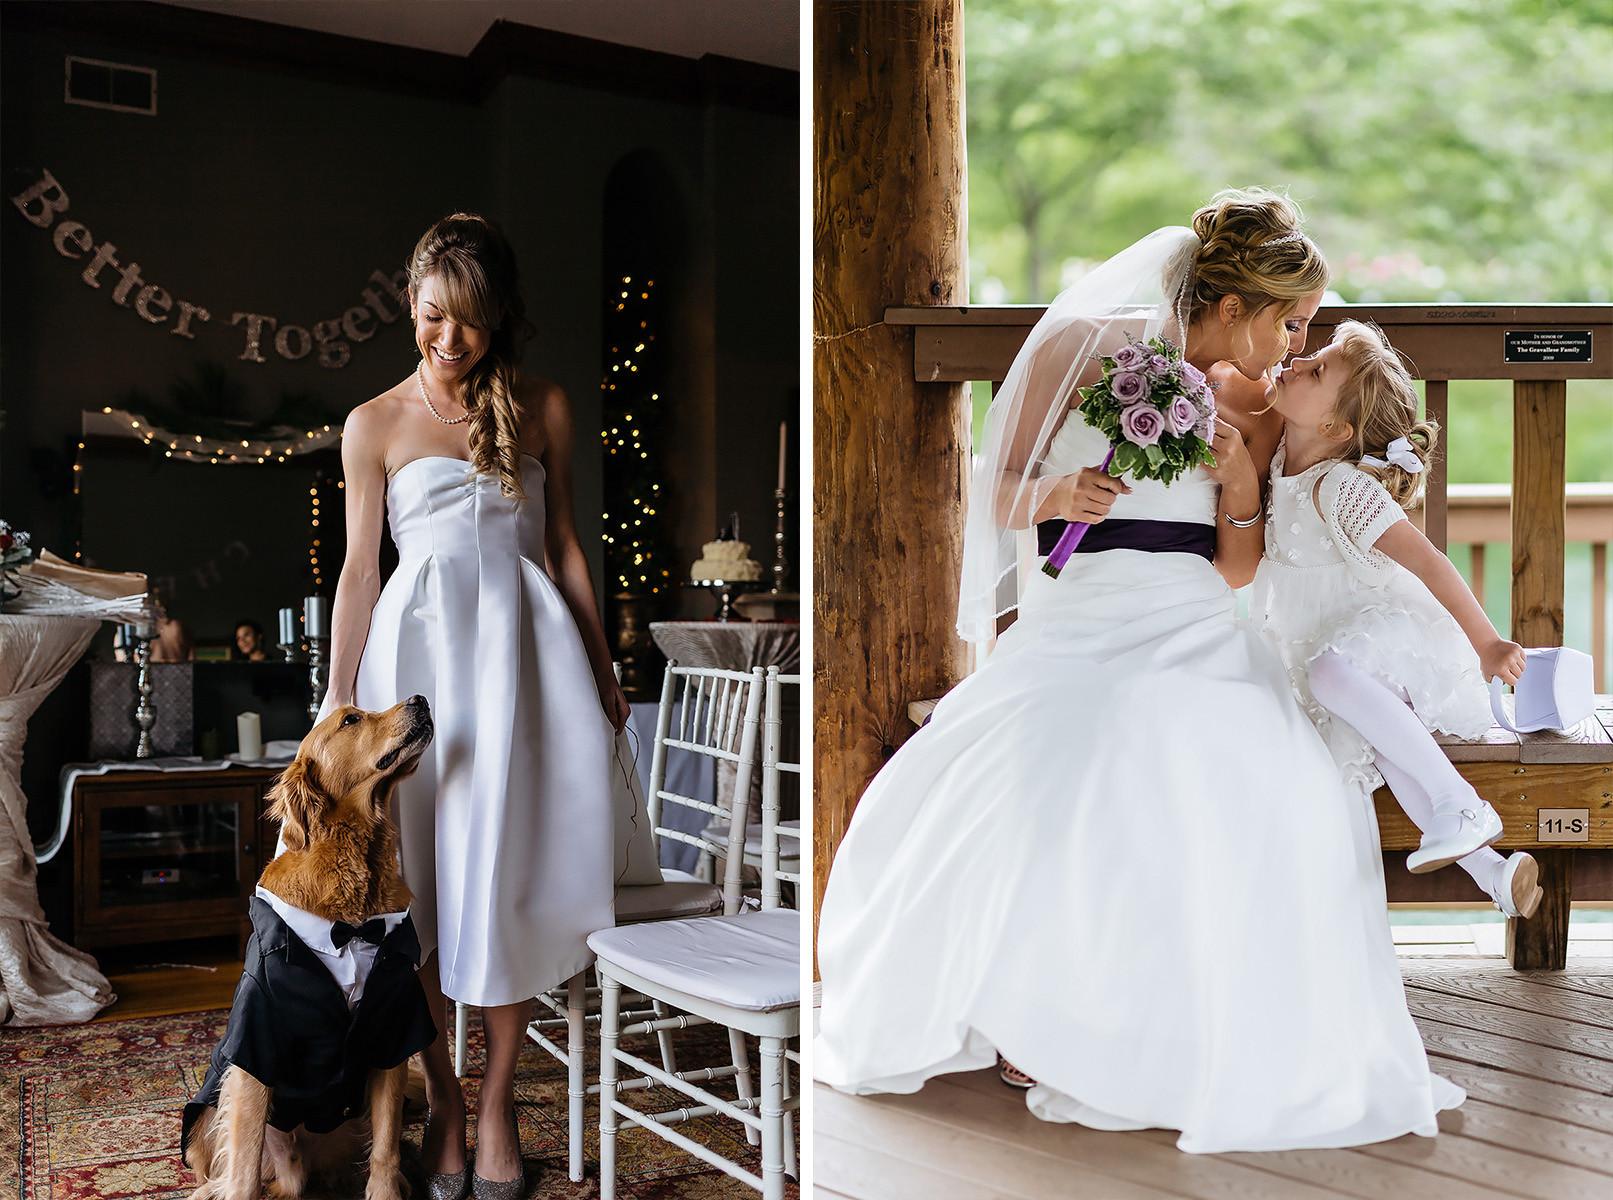 Bride's Best in Life